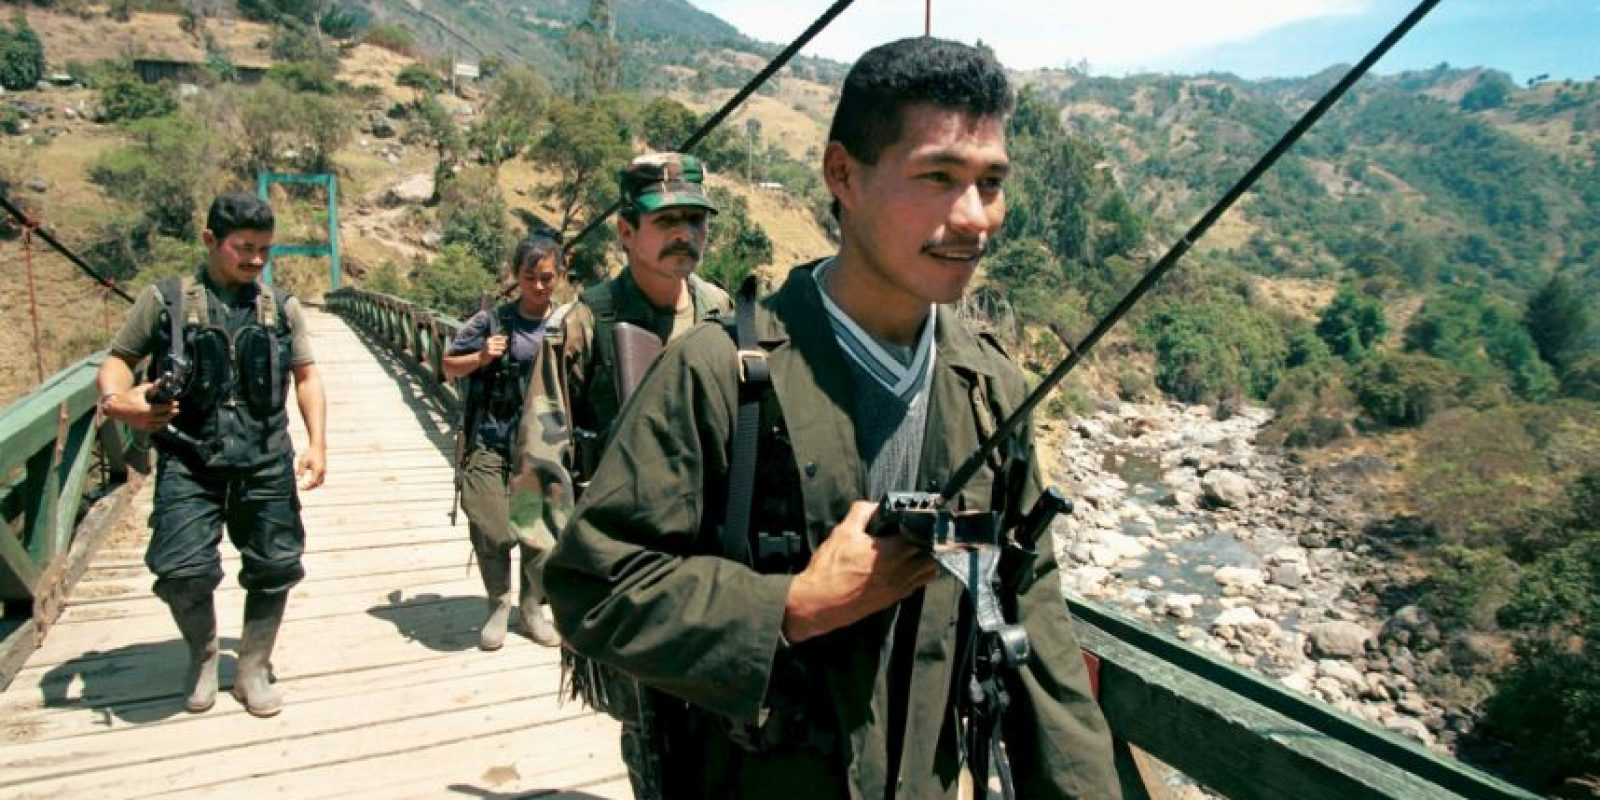 La FARC uno de los grupos guerrilleros más temidos. Foto:Getty